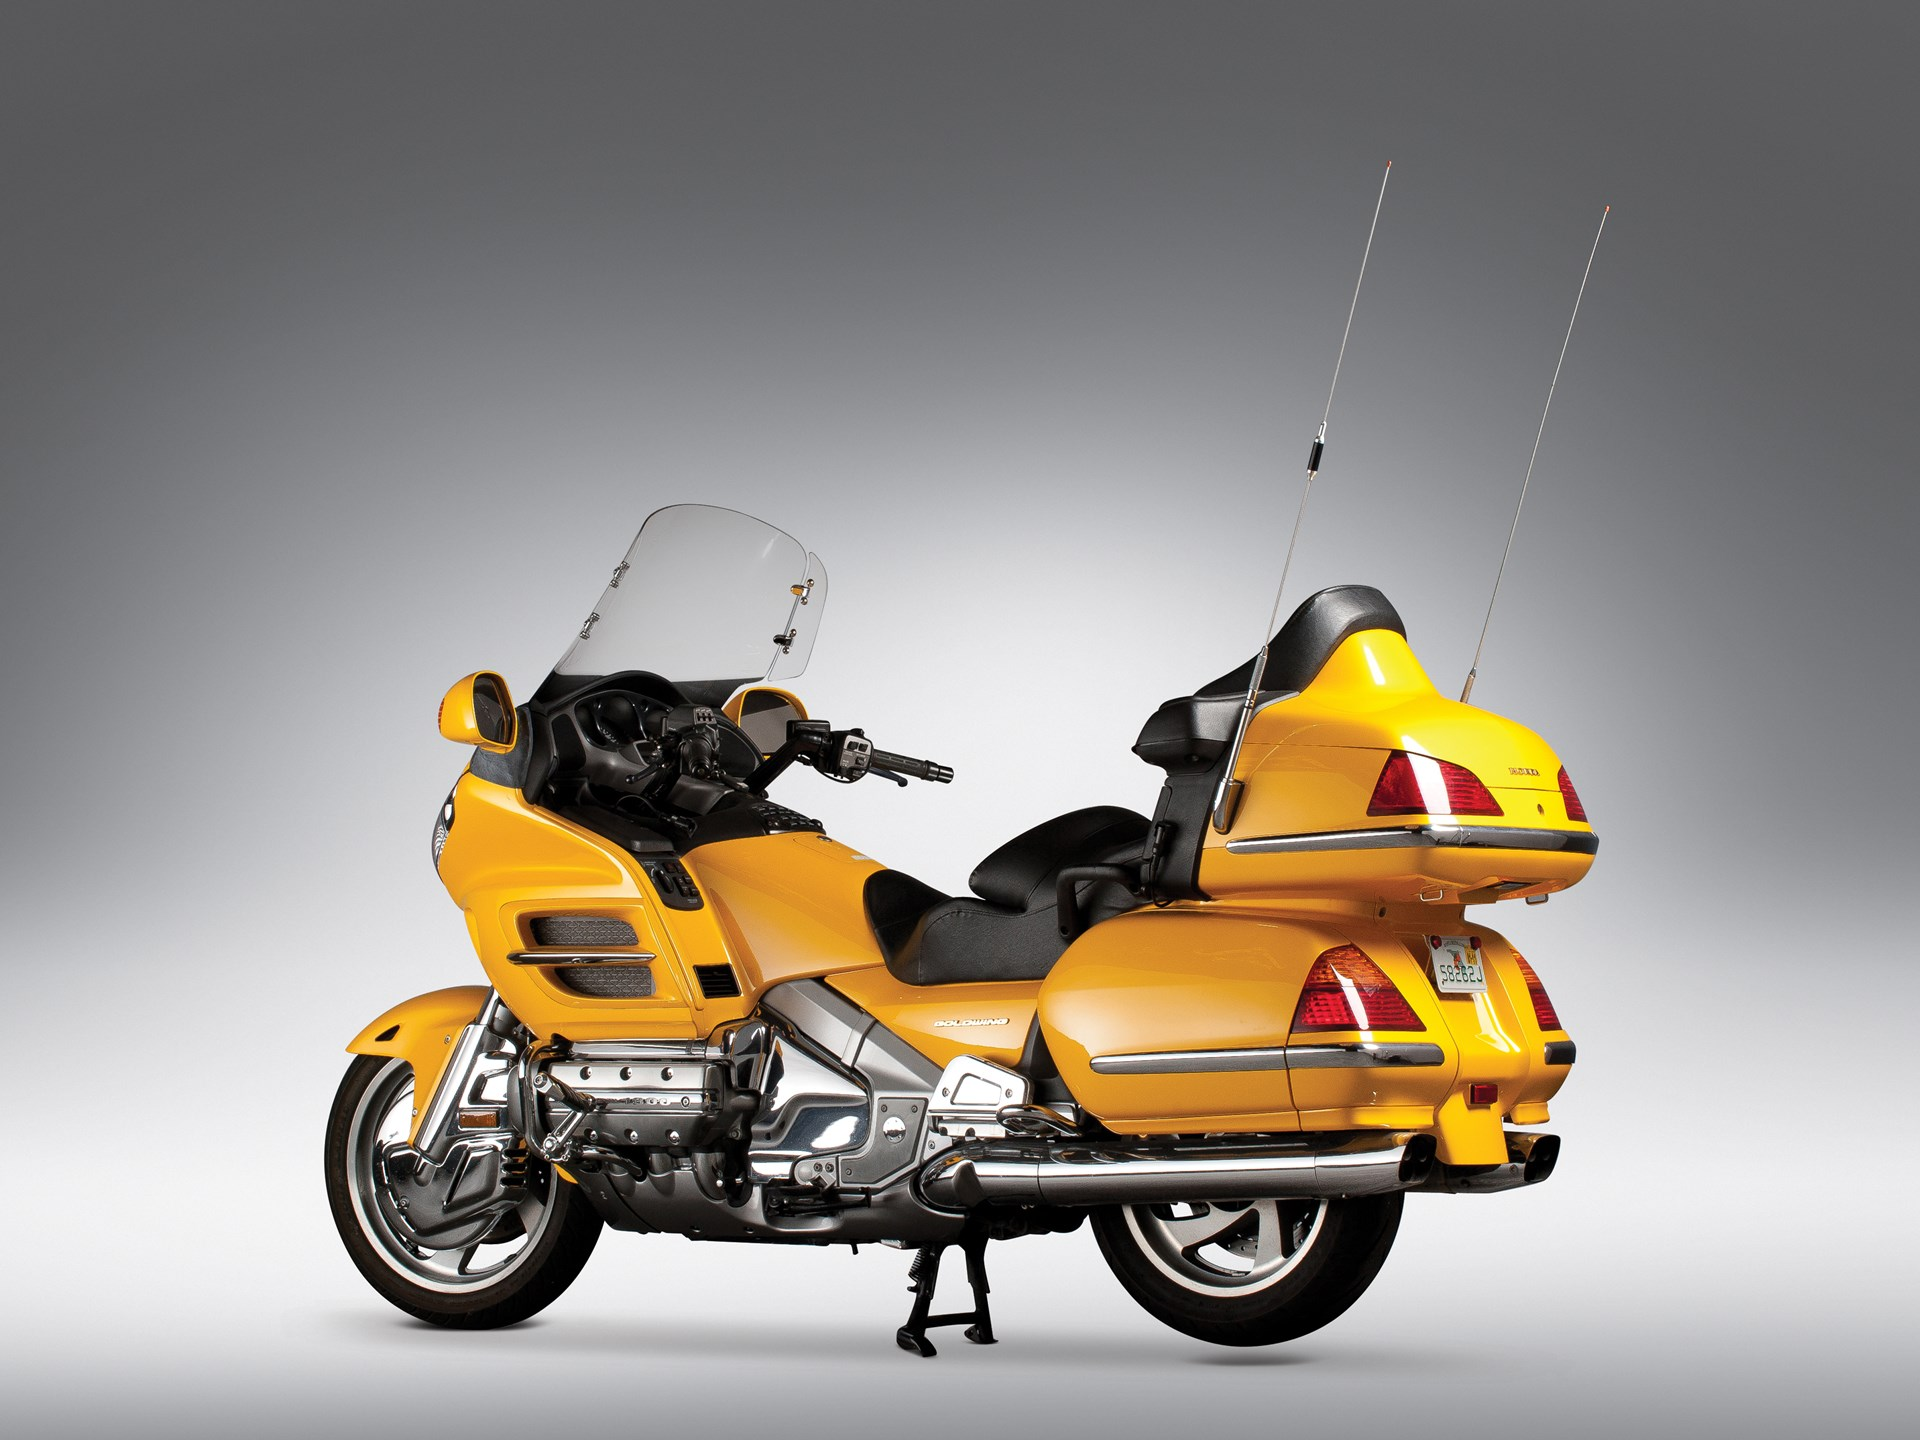 Honda Gold Wing (Голд Винг) GL 1800 — идеальный спутник для длительных путешествий